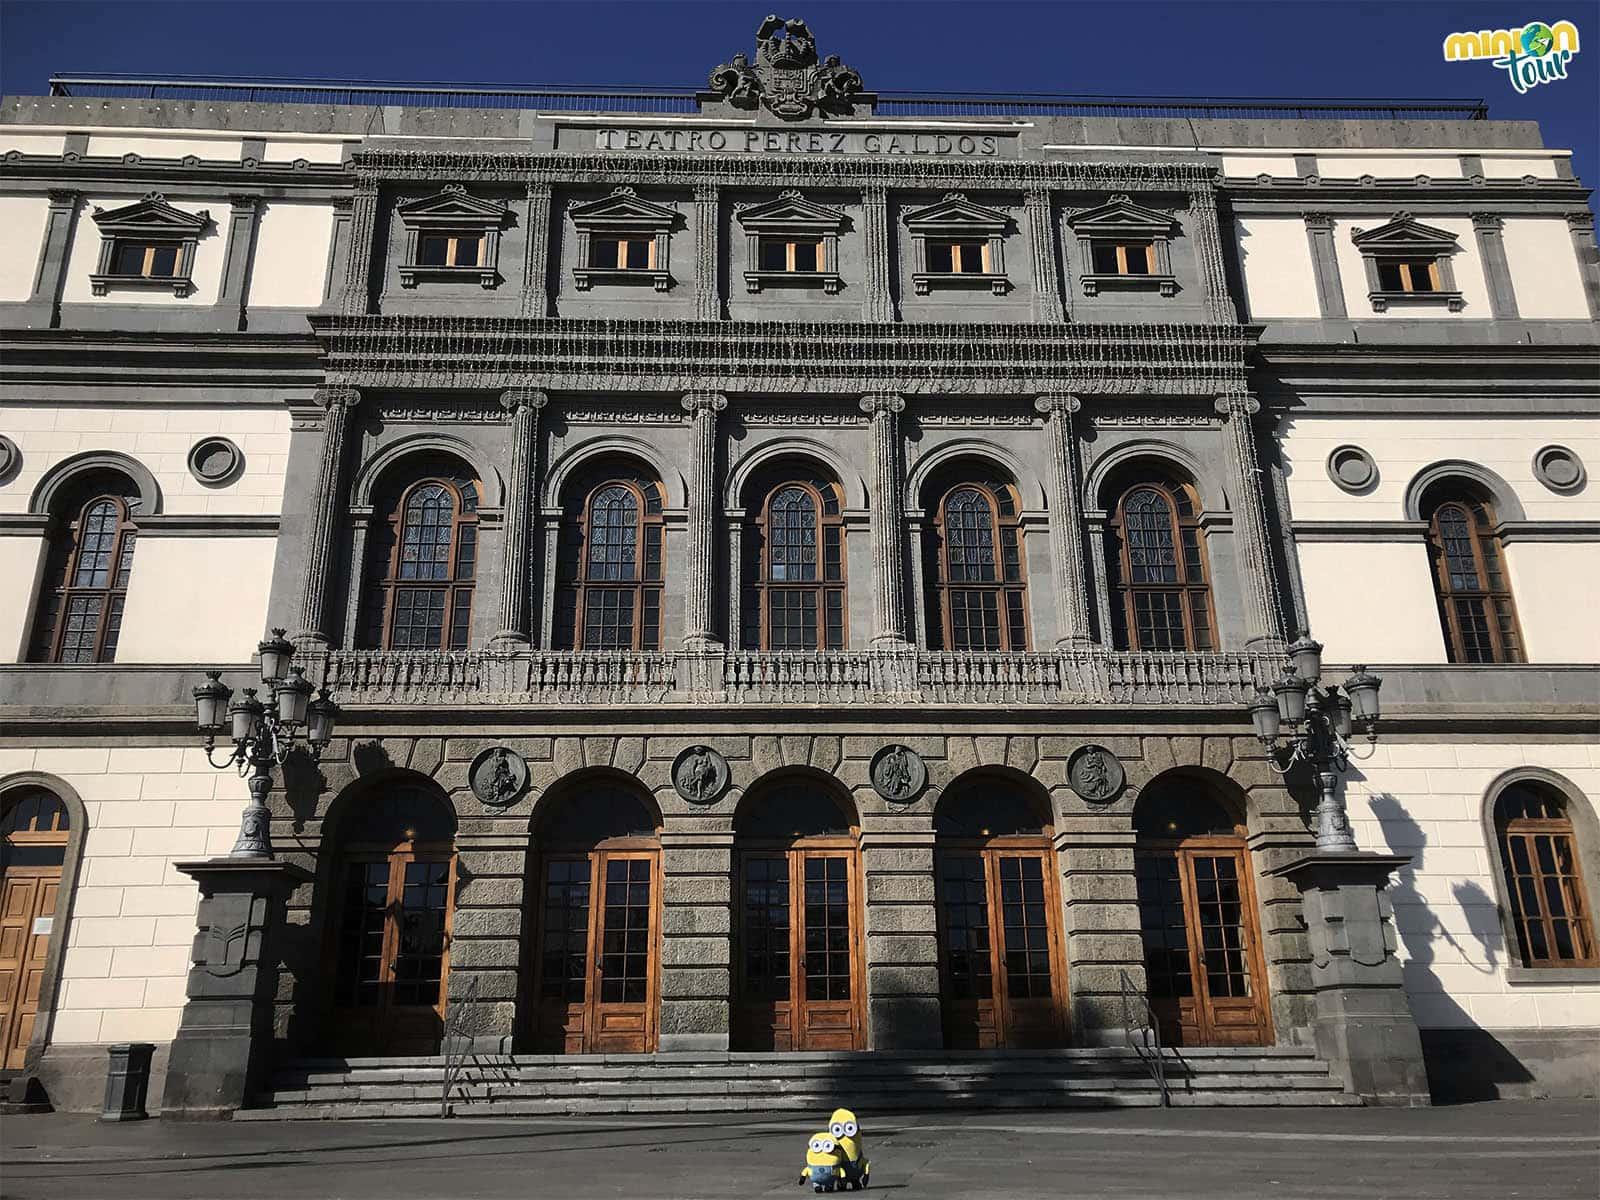 Teatro de Benito Pérez Galdós